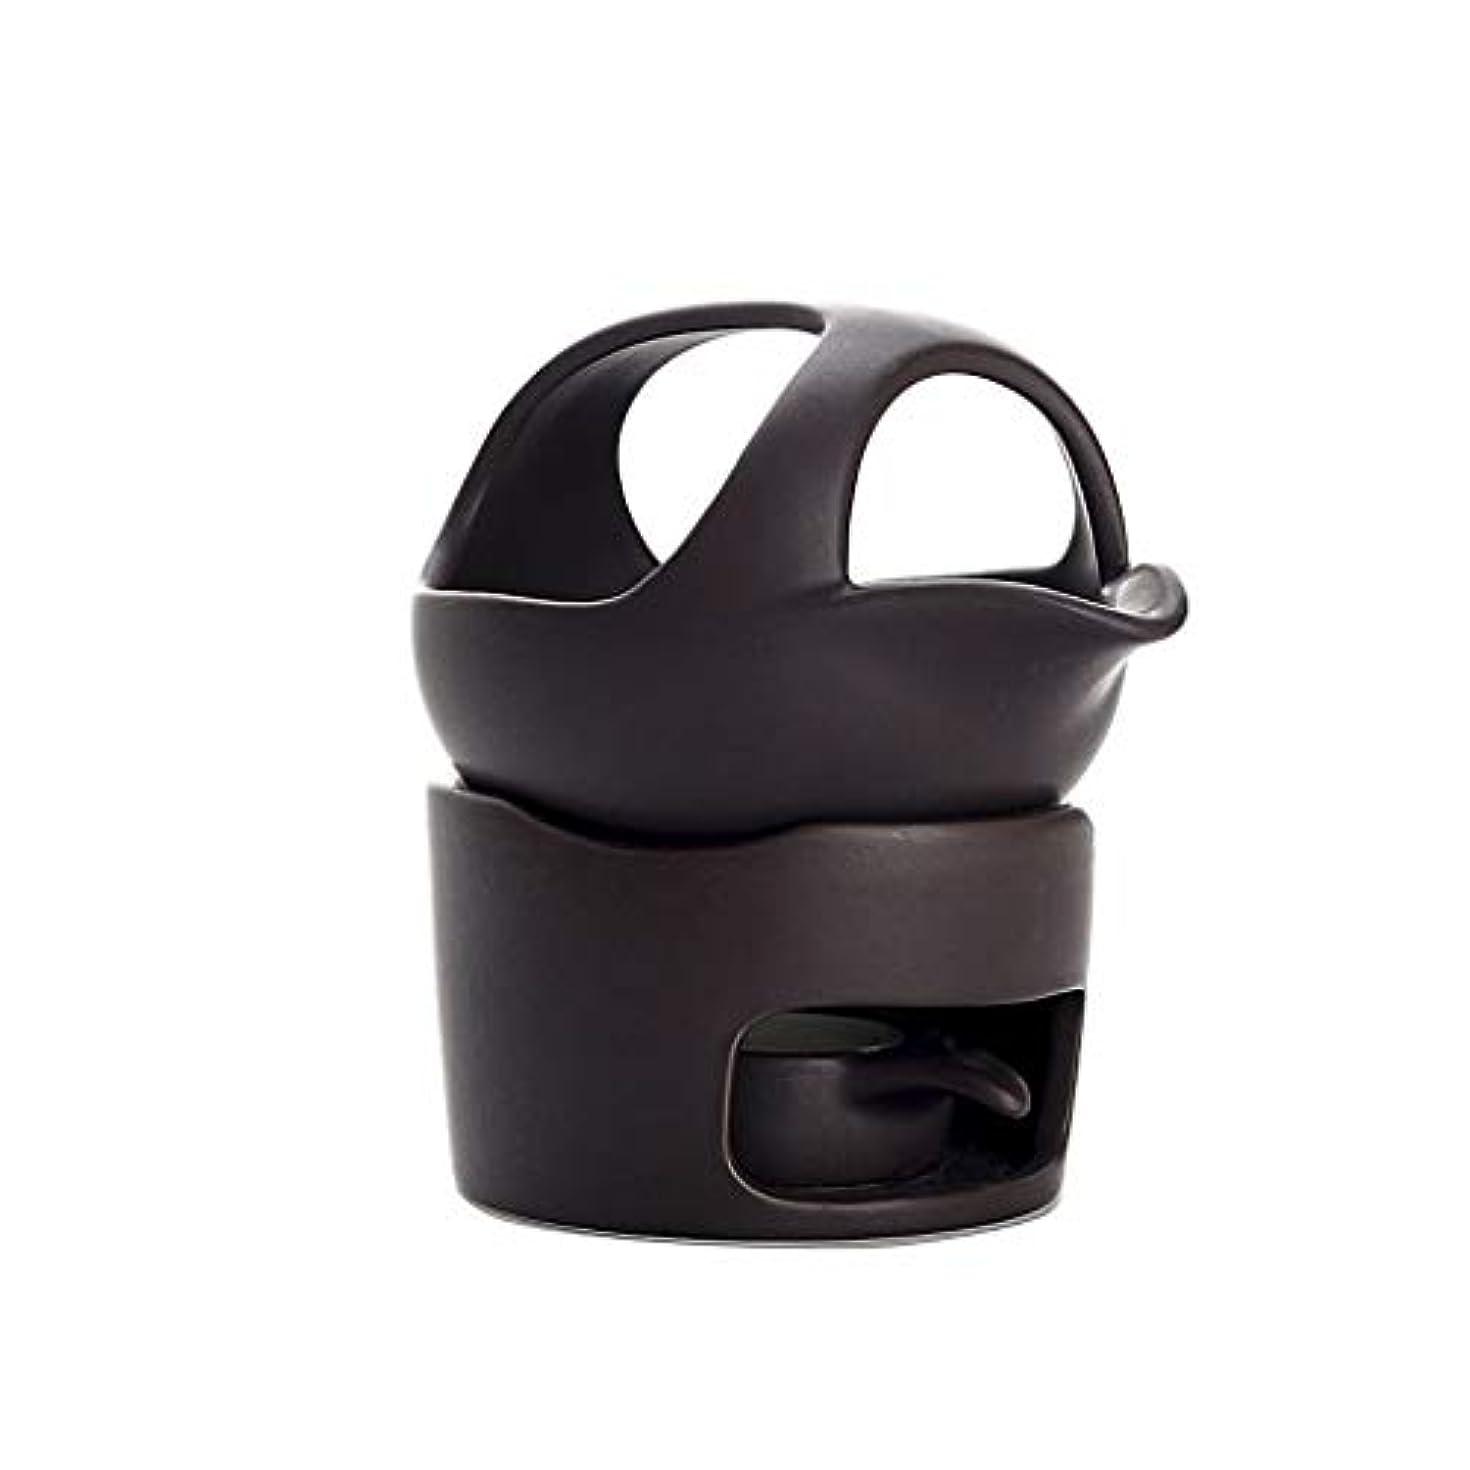 エアコン非難無知ホームアロマバーナー セラミックお香バーナースモークティーストーブウェイクアップお茶お香バーナー陶器お茶セットアクセサリーお香ホルダー アロマバーナー (Color : Black, サイズ : 12.5cm)